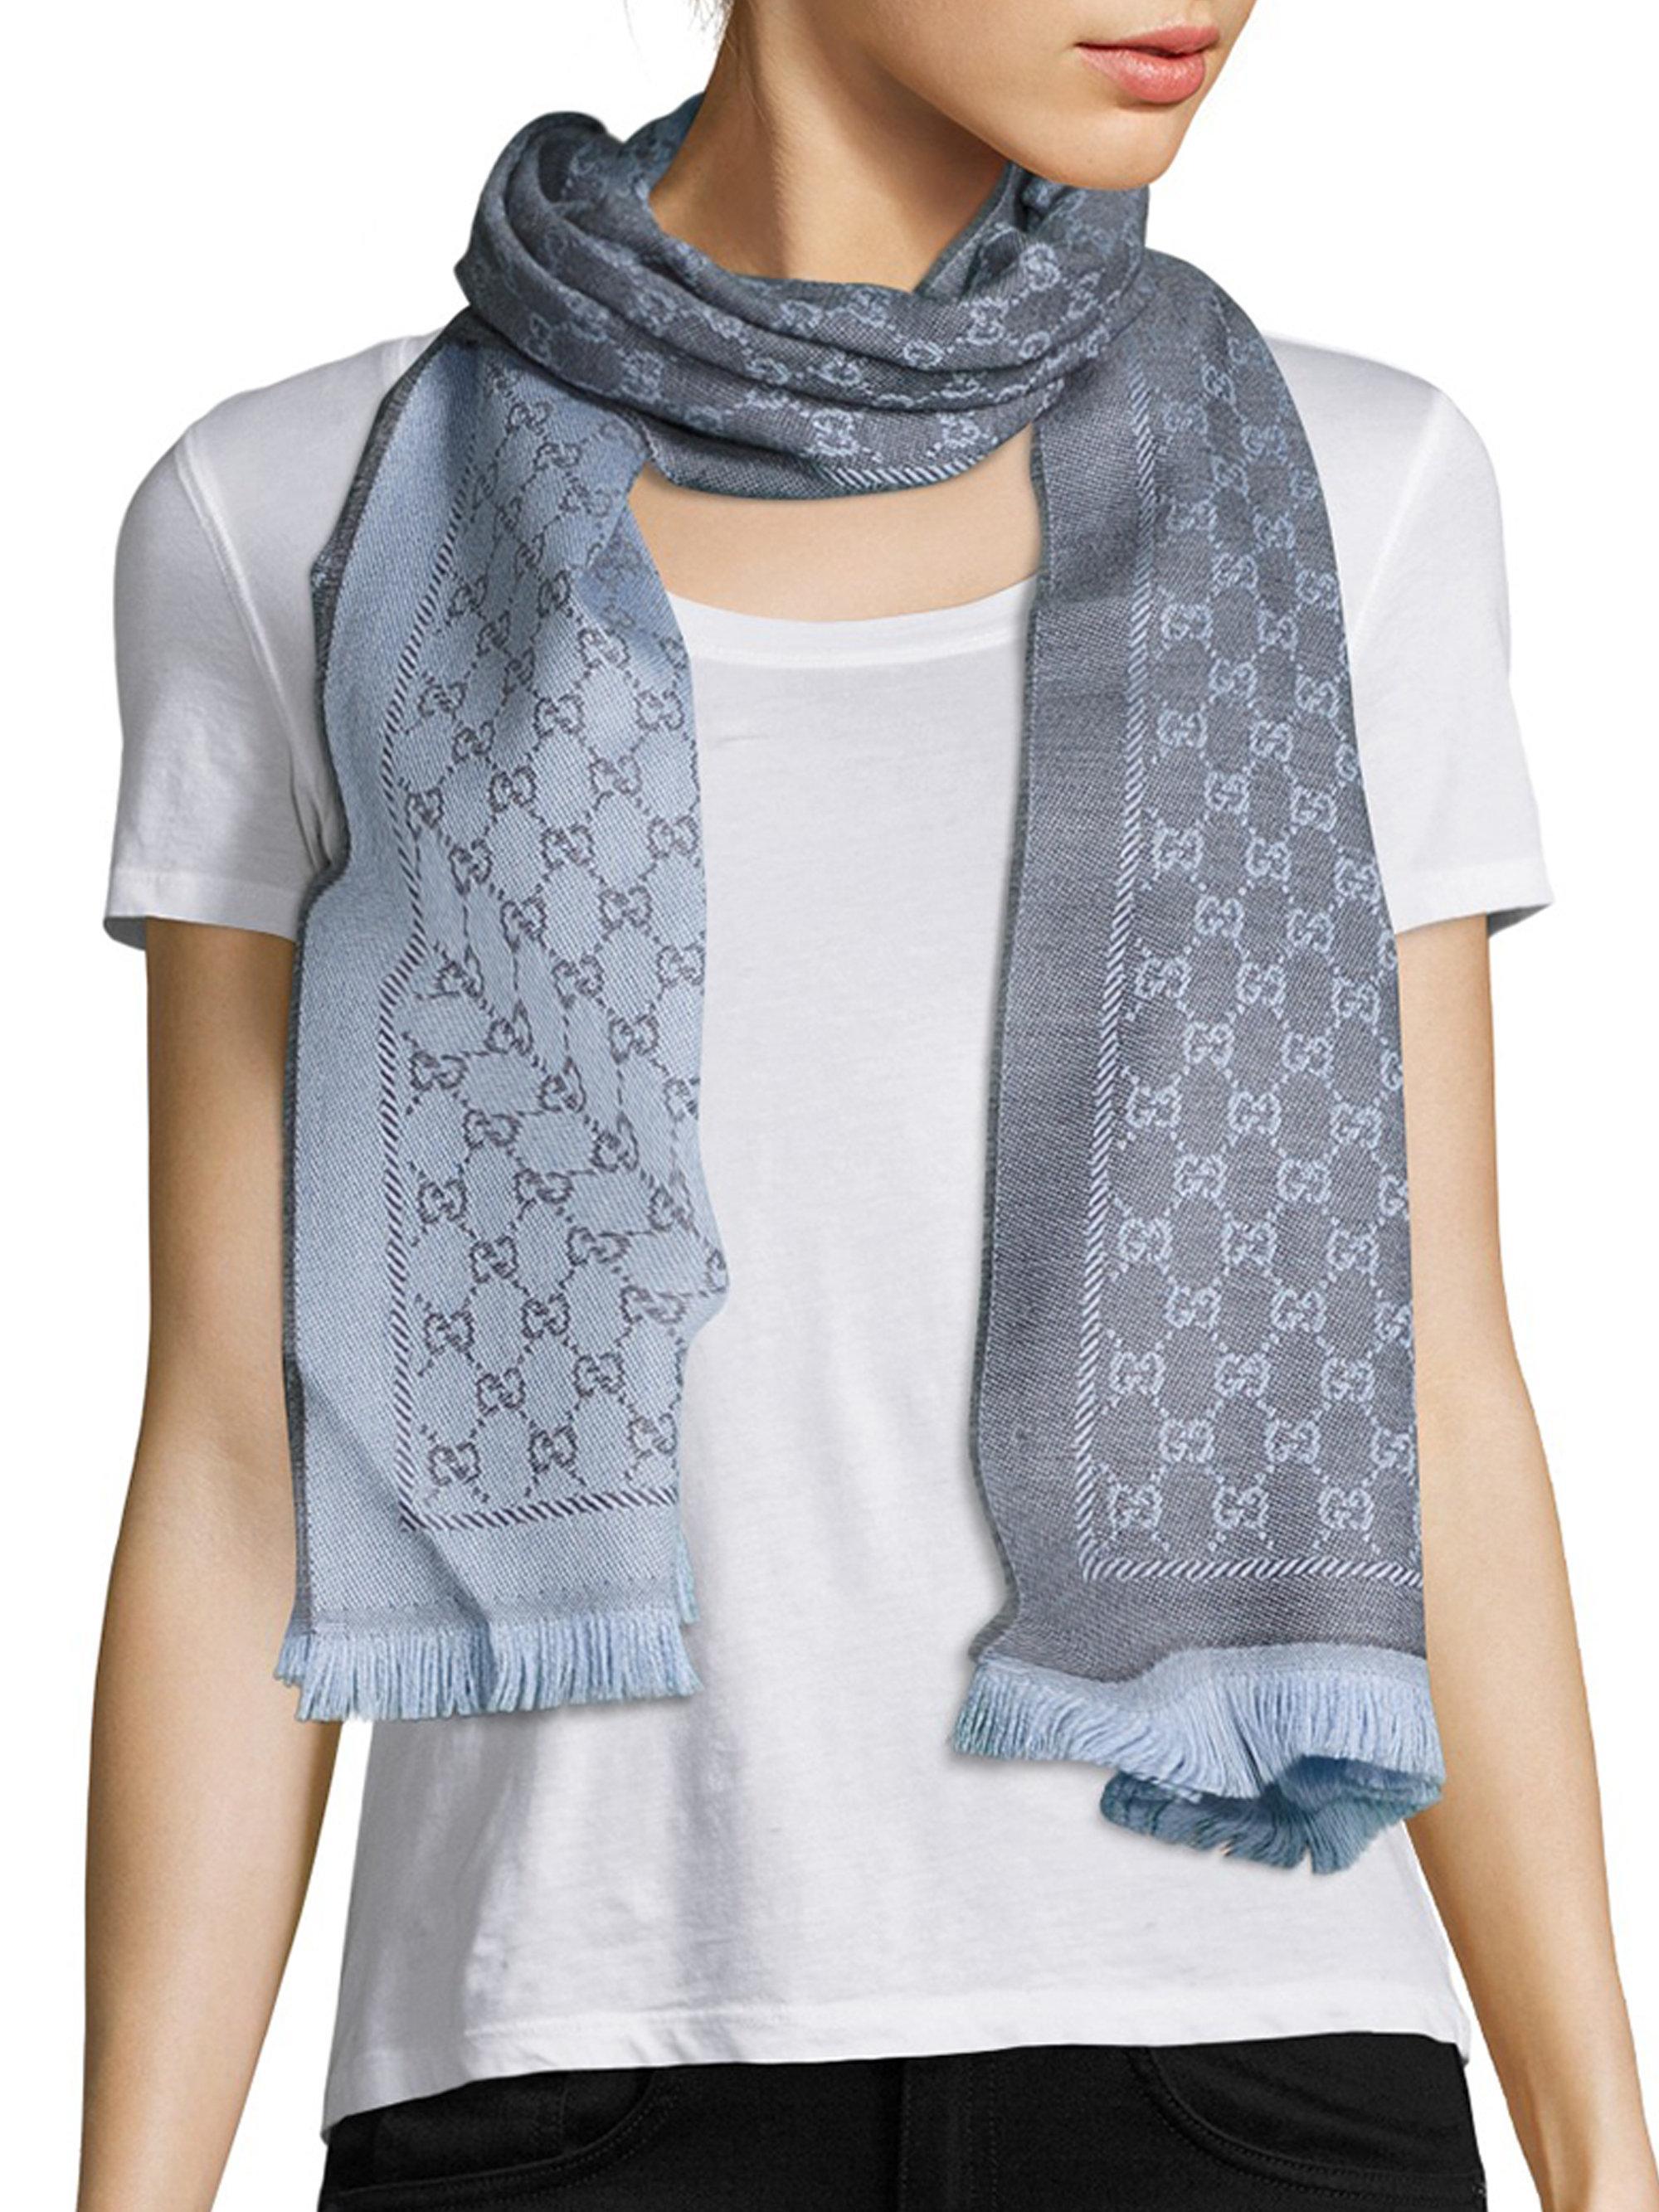 ferrari franco ind azeglio en scarf shawls sco